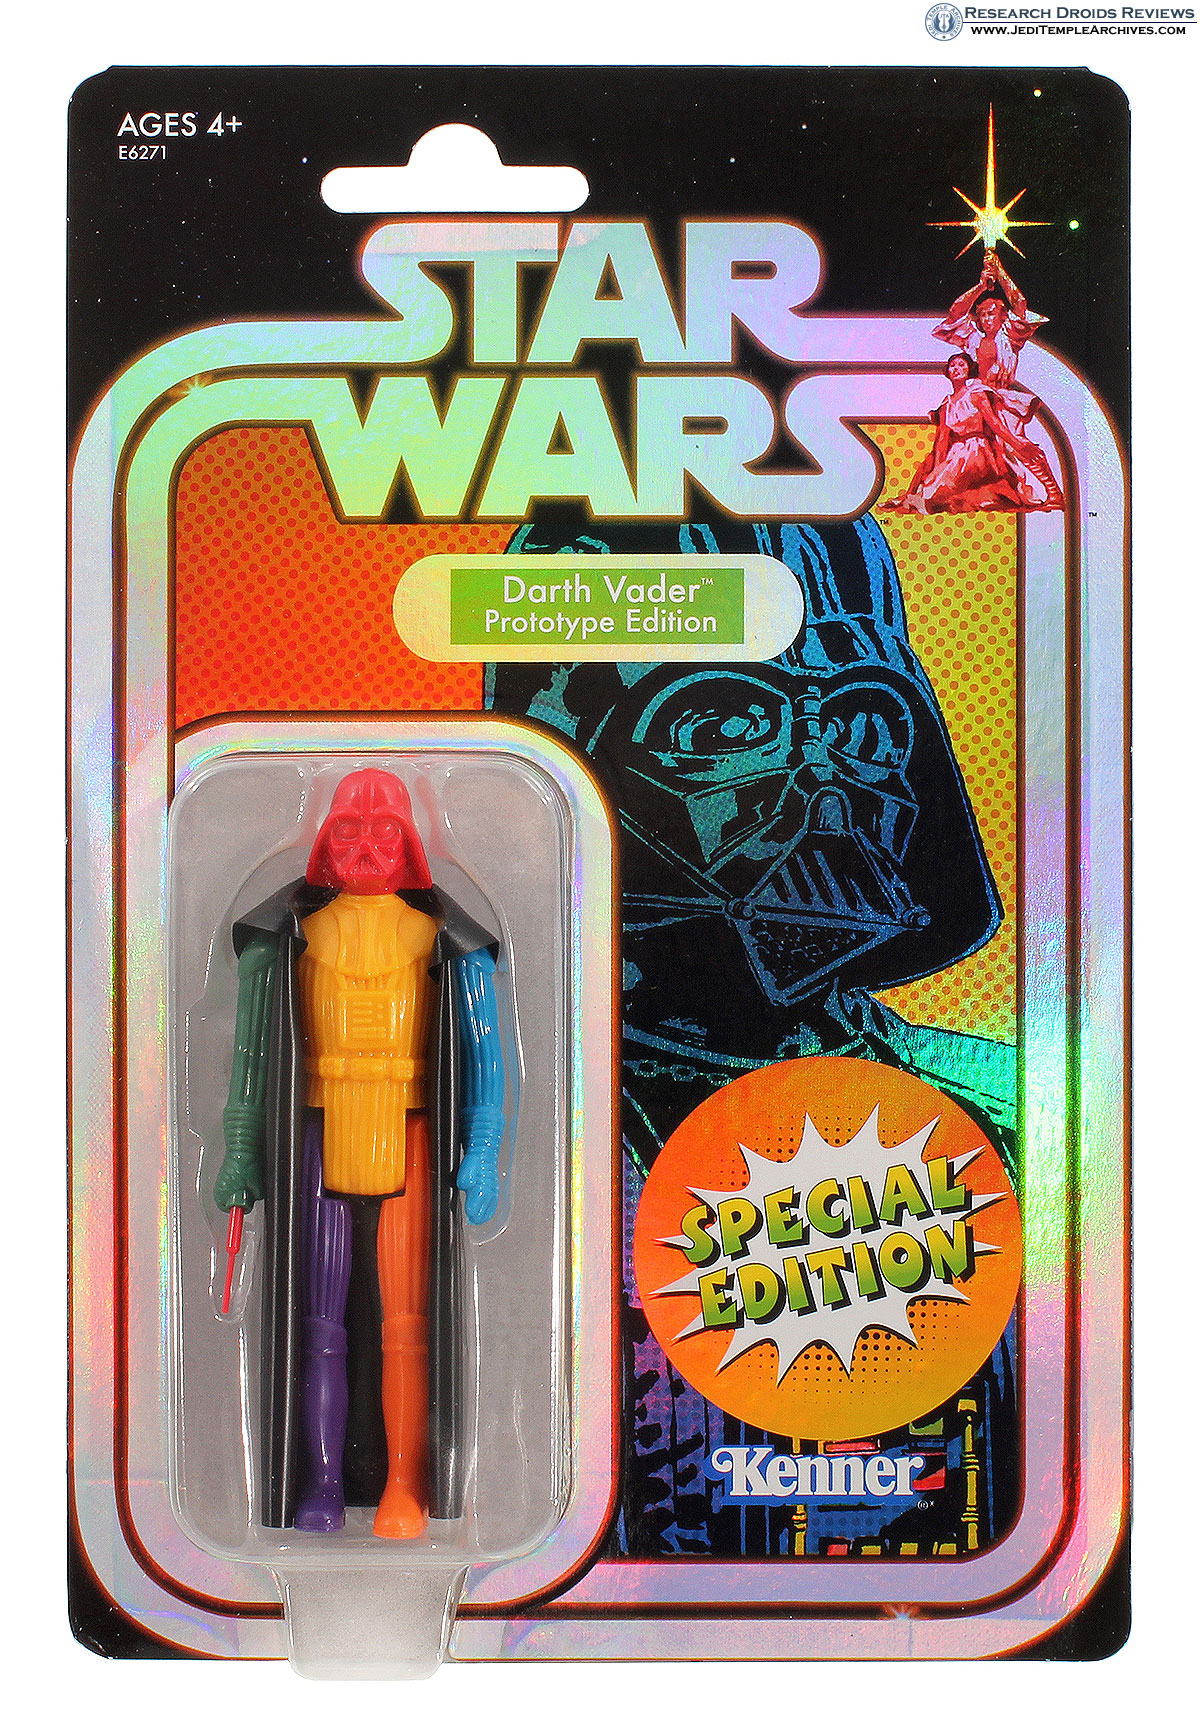 Darth Vader Color Prototype Retro